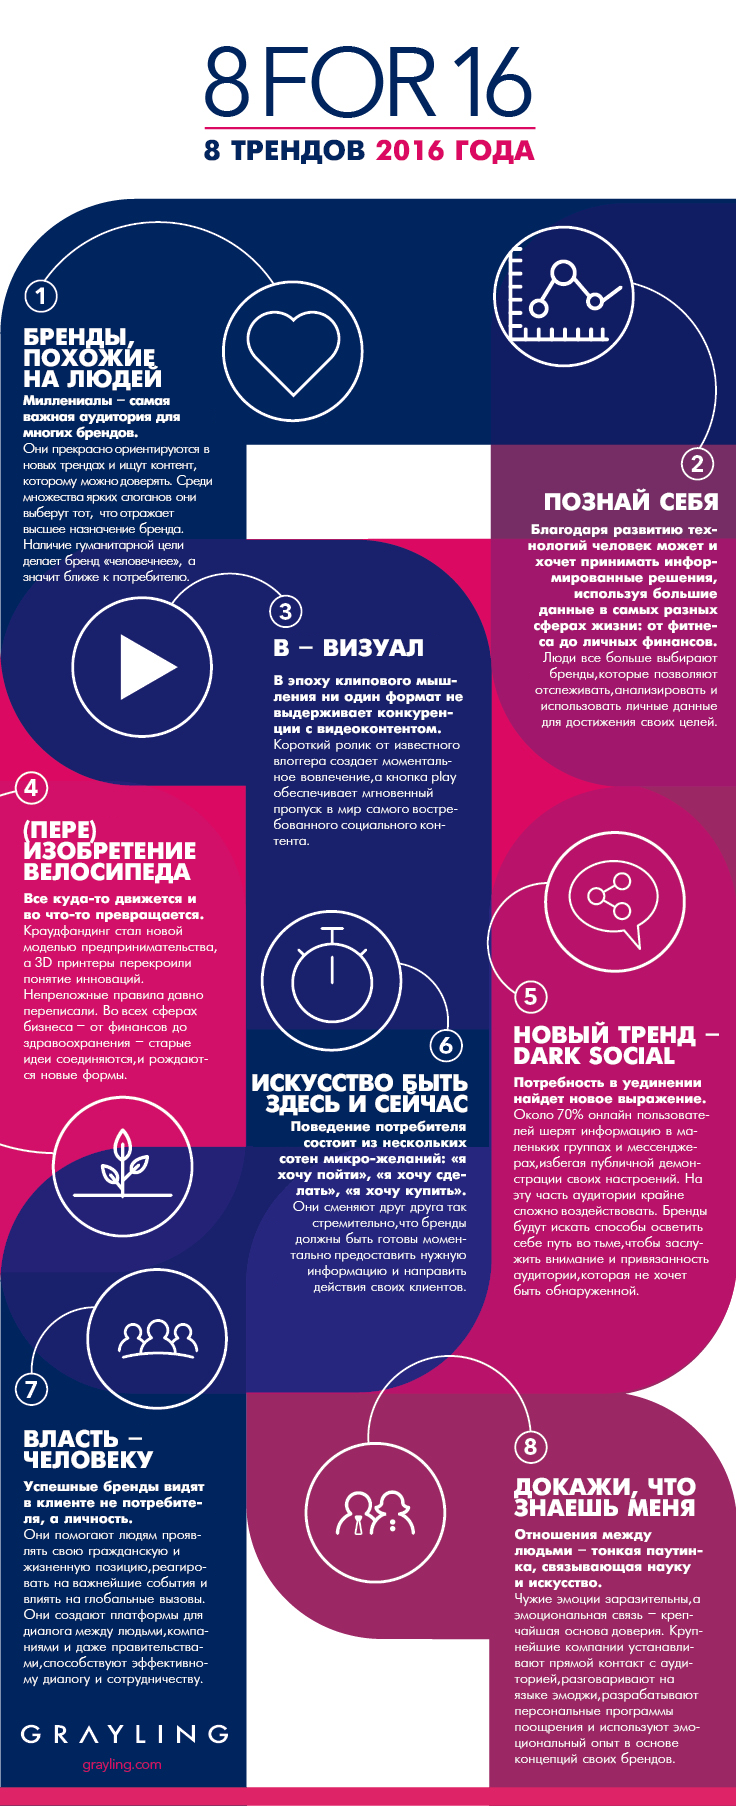 Инфографика 8for16